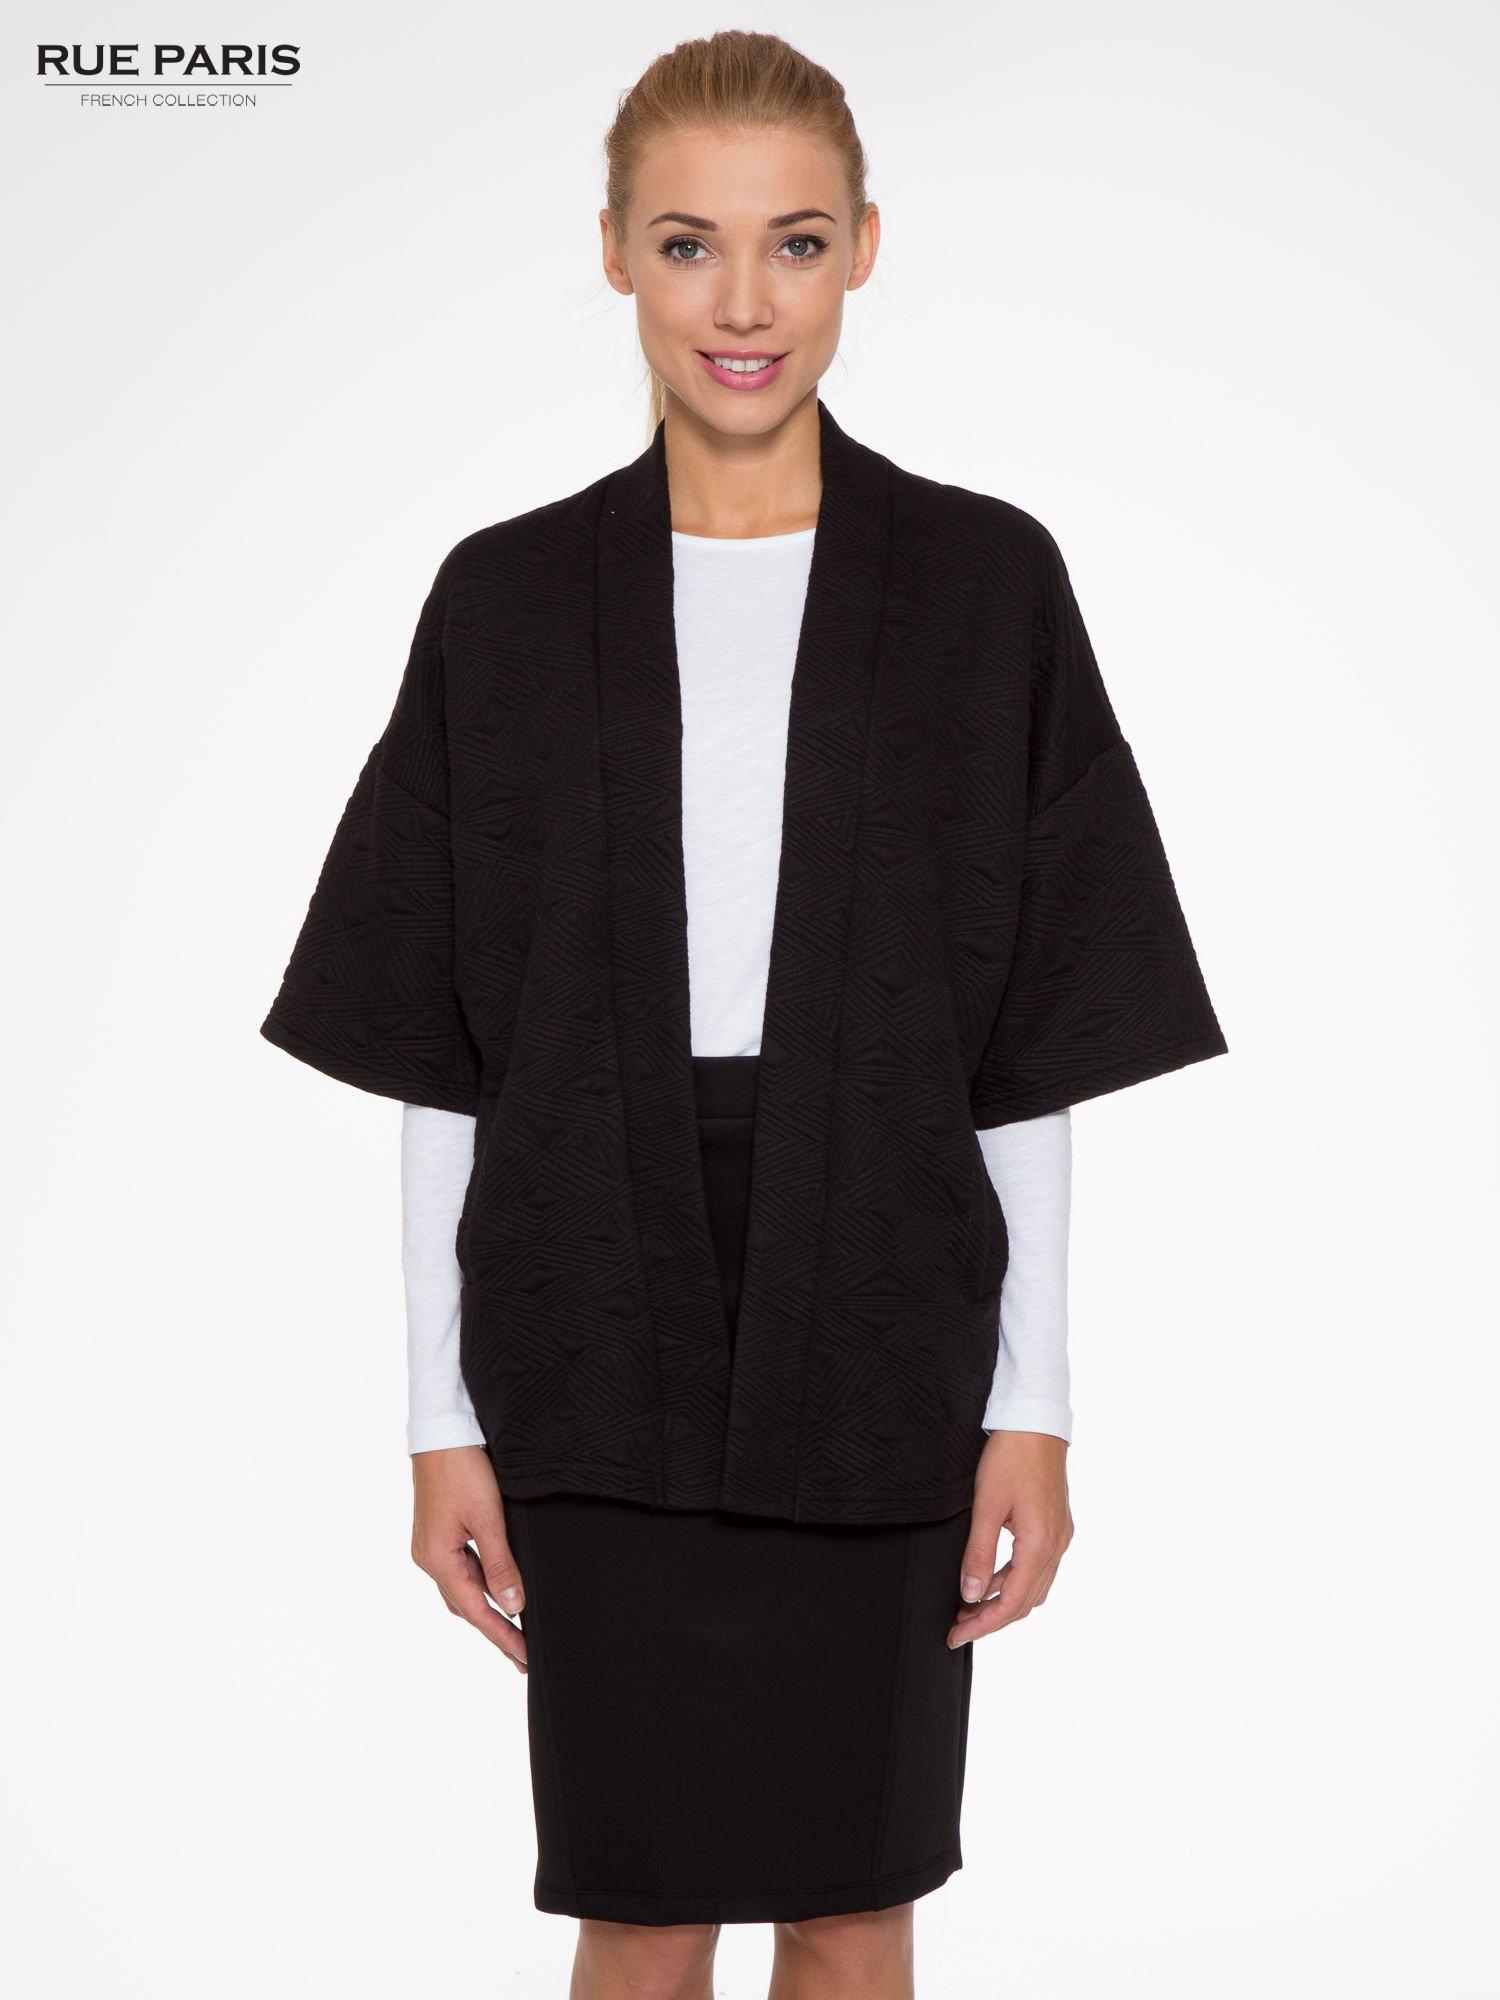 e2750d7d0c81e Czarny żakiet kimono o fakturze w geometryczne wzory - Kurtka żakiet ...